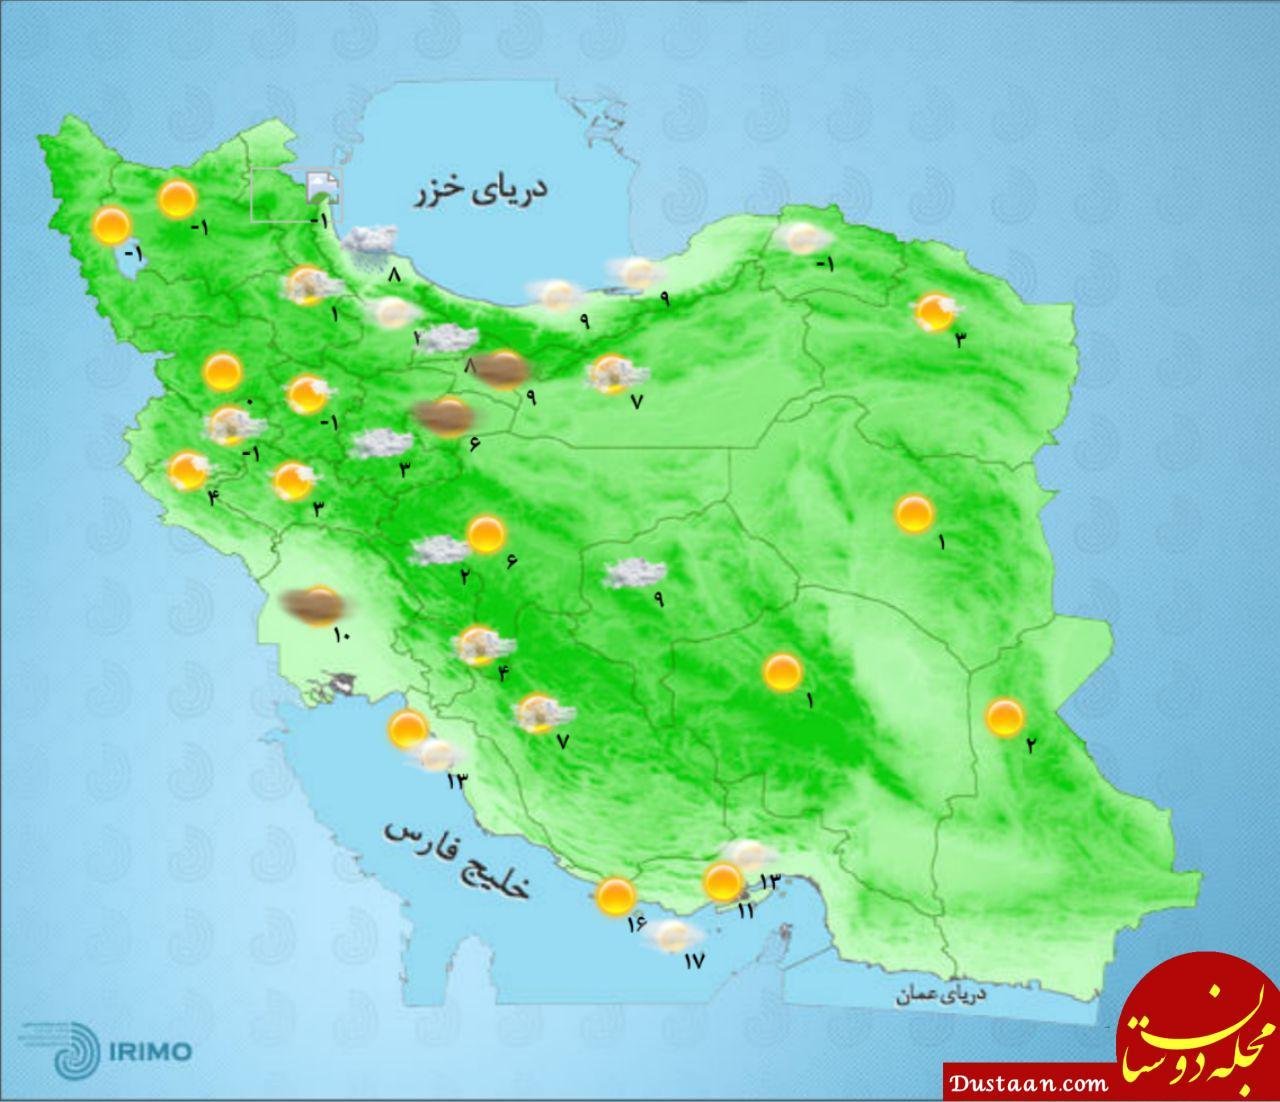 چهارشنبه 18 بهمن؛ نقشه دمای مراکز استان ها/ کیفیت هوای تهران